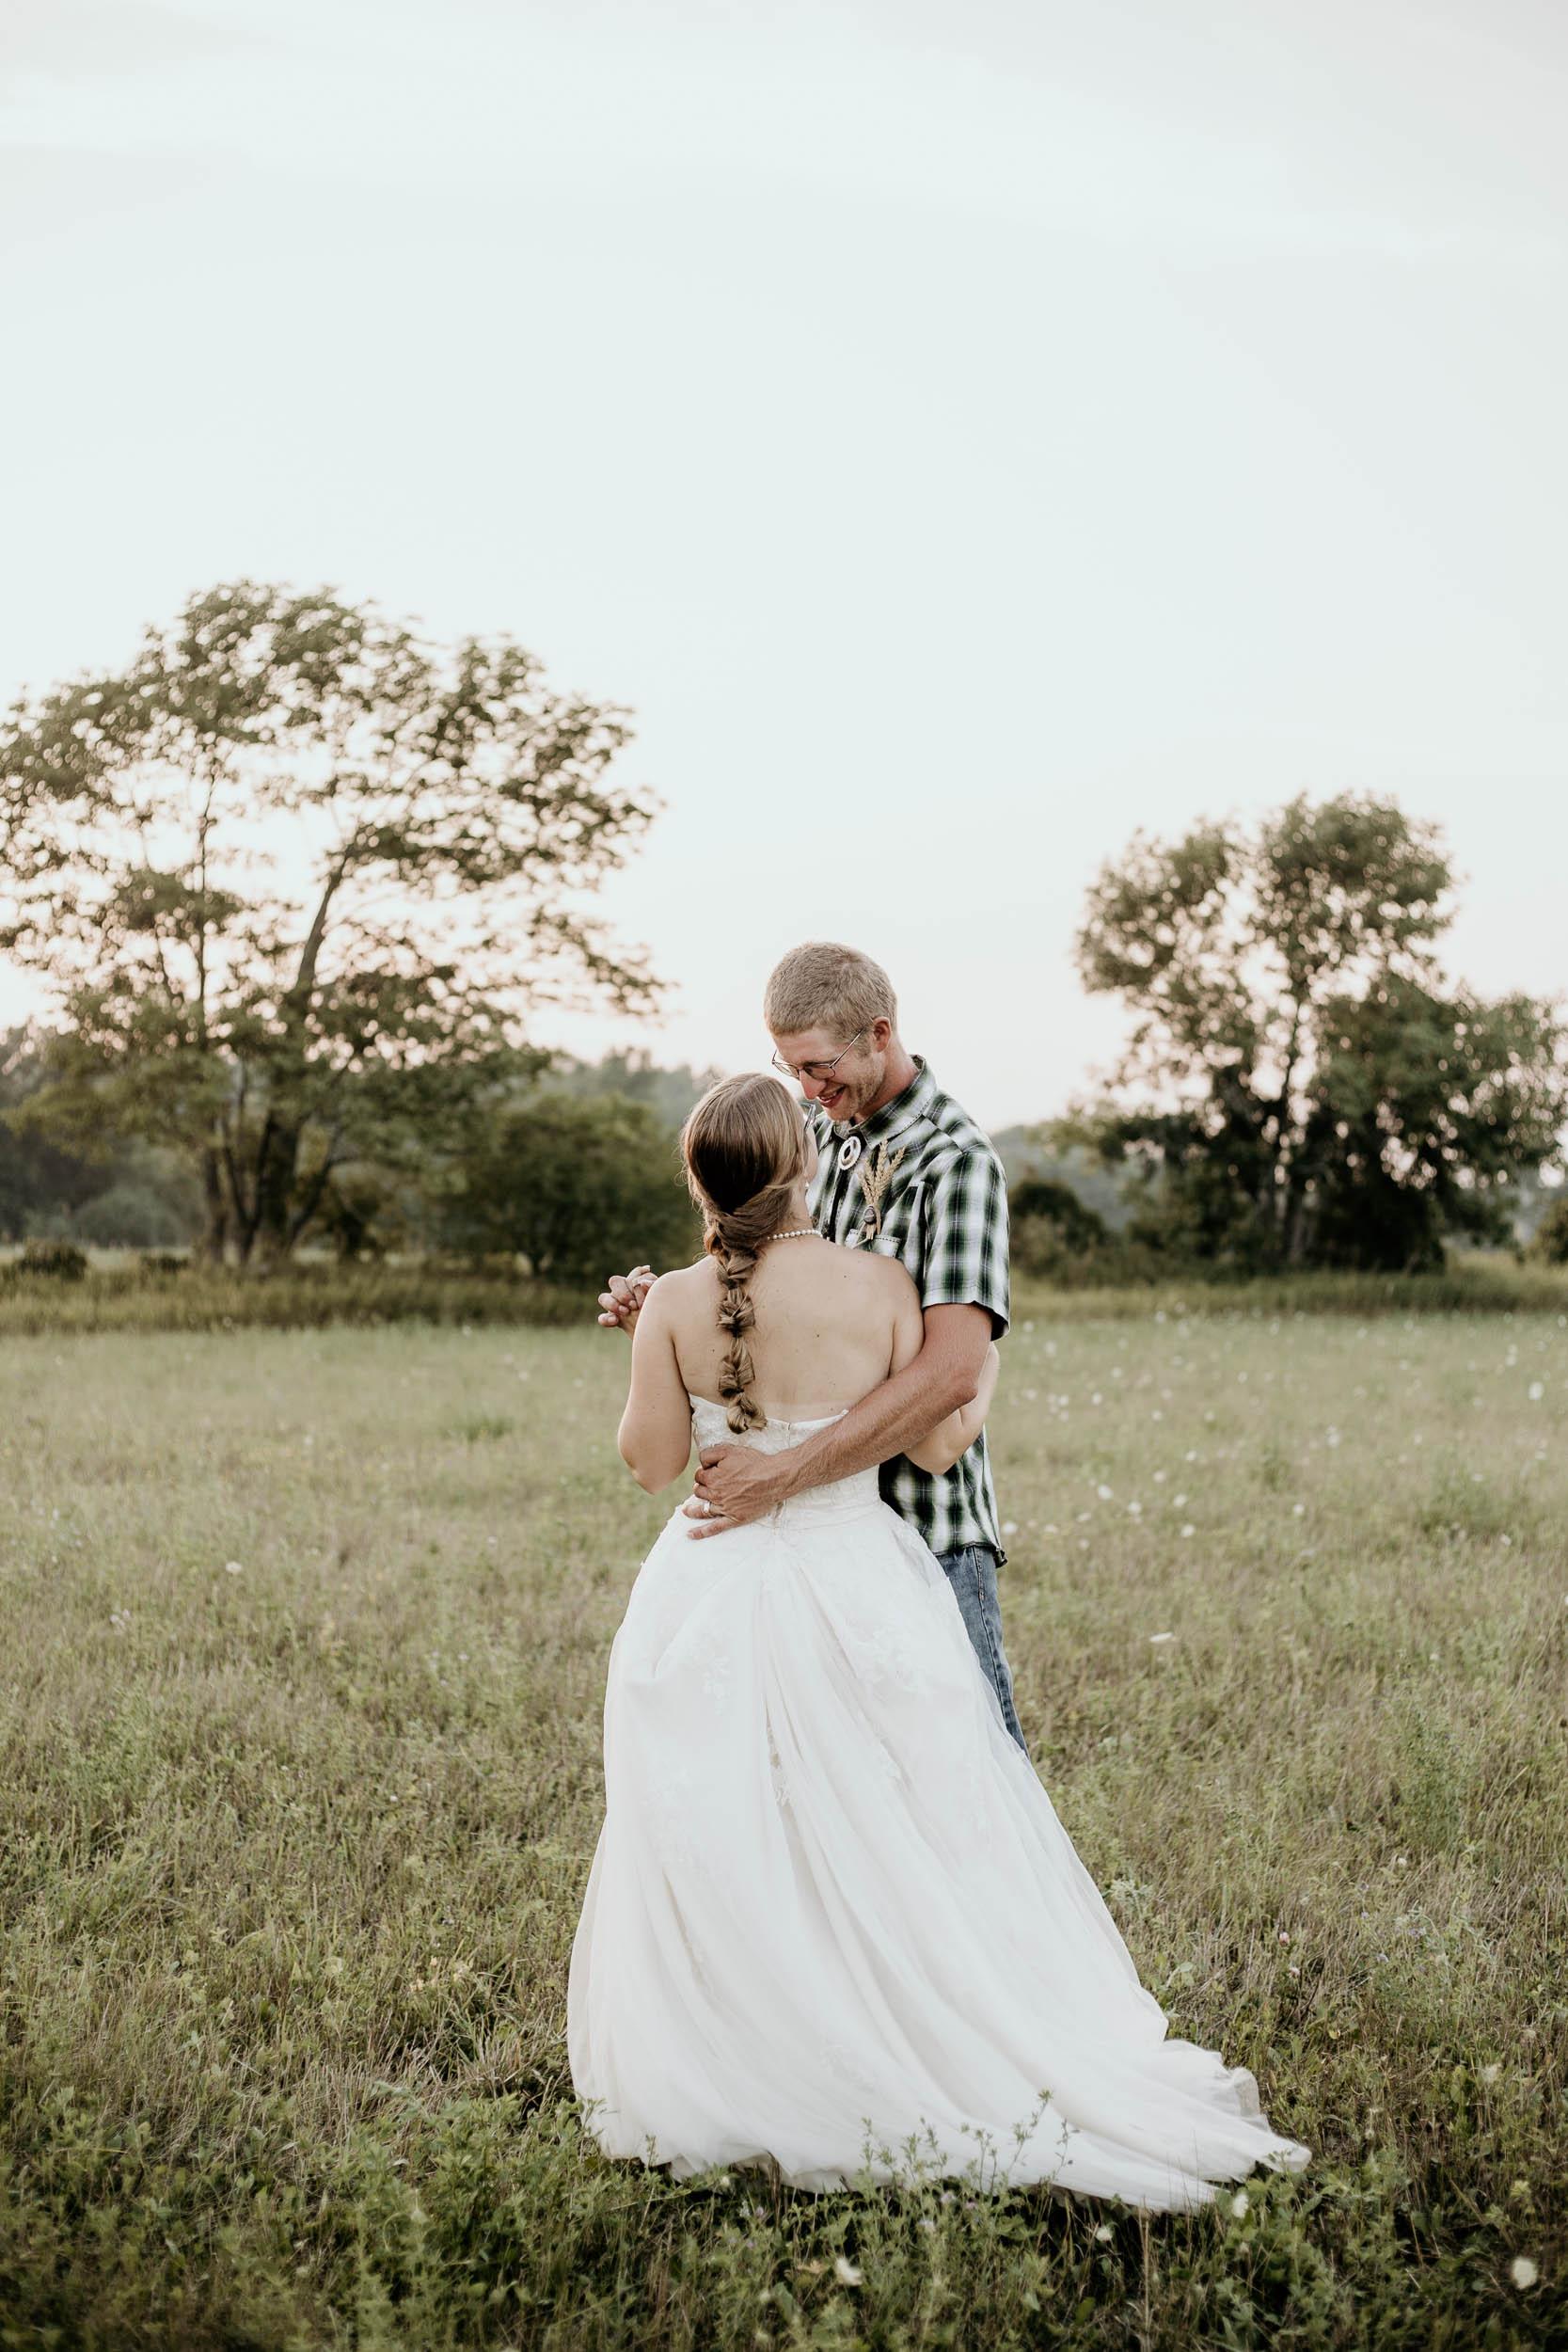 intimate-wedding-elopement-photographer-ottawa-joshua-tree-3127.jpg